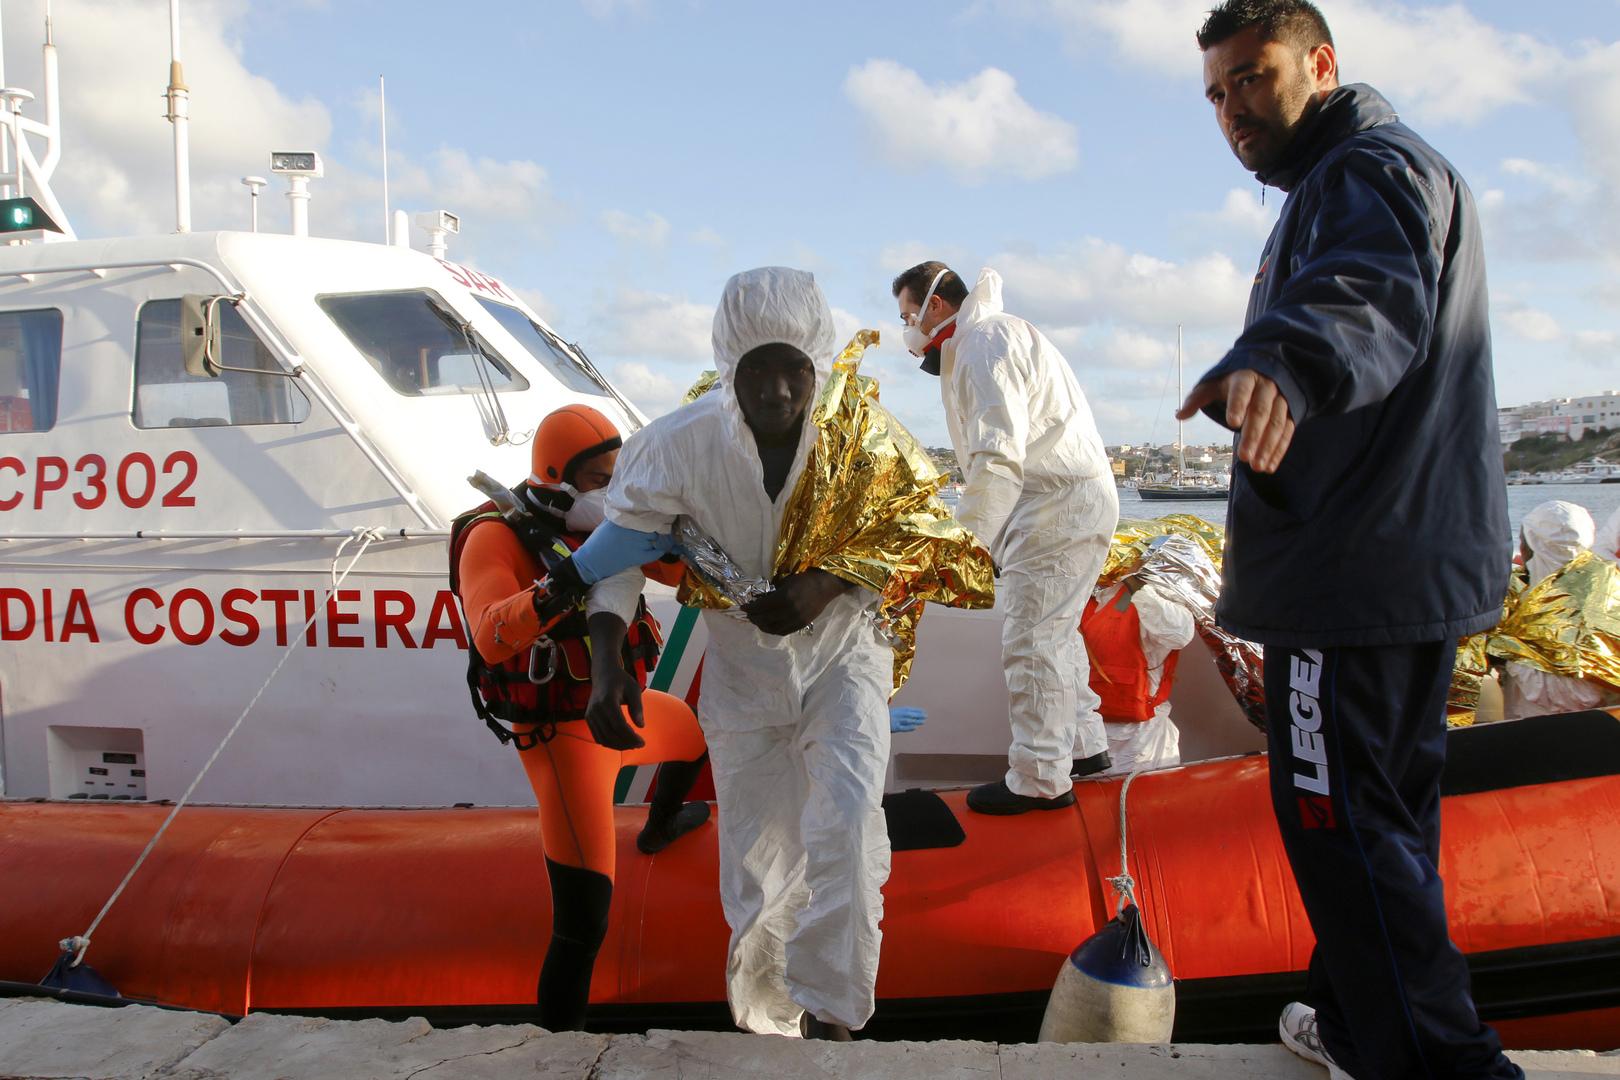 لاجئون يصلون إلى شاطئ إيطاليا، أرشيف